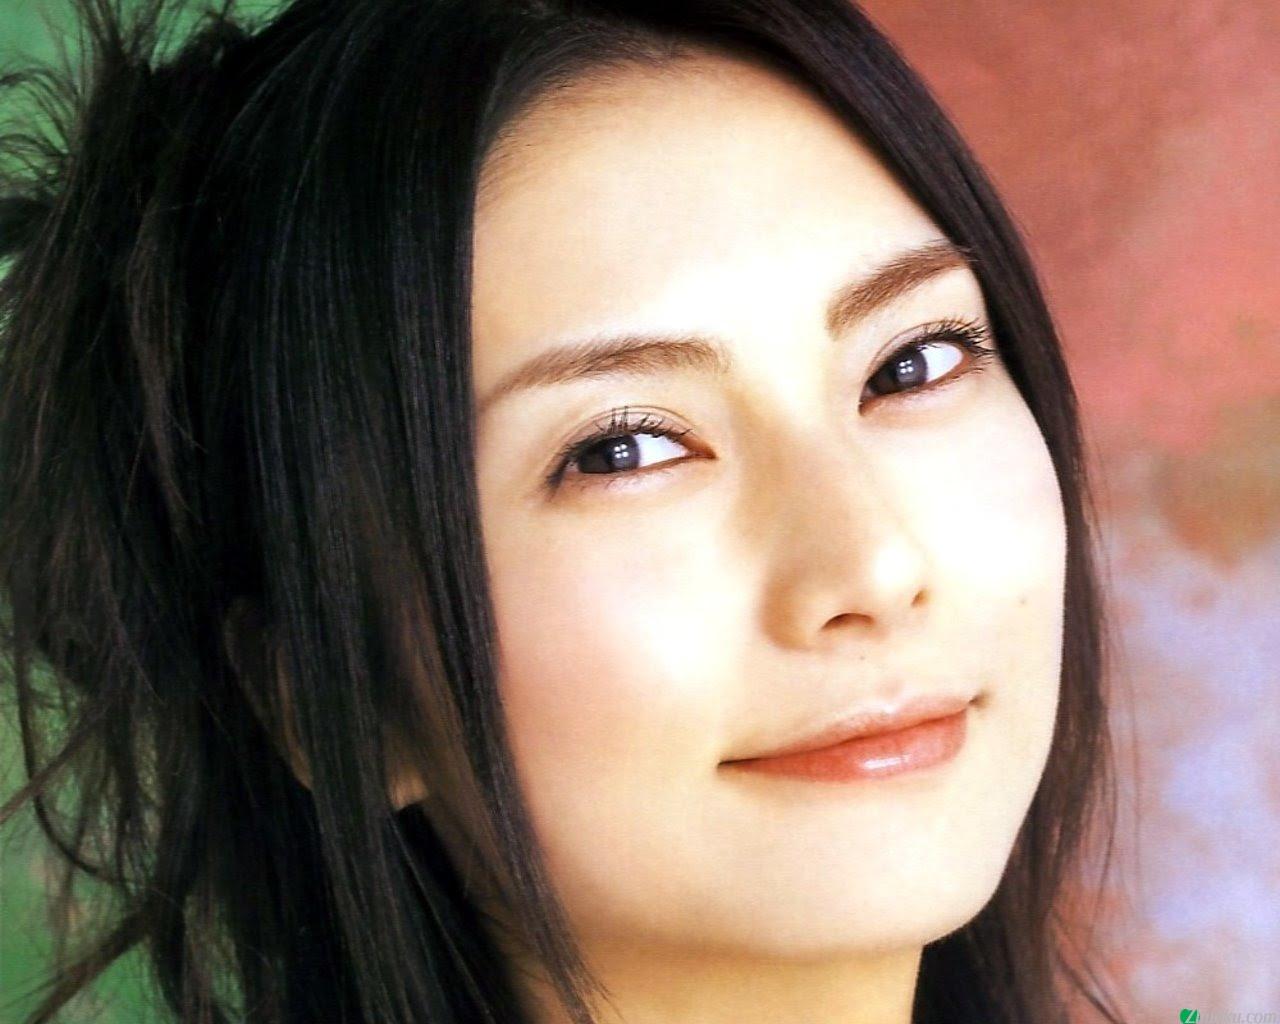 柴咲コウの画像 原寸画像検索